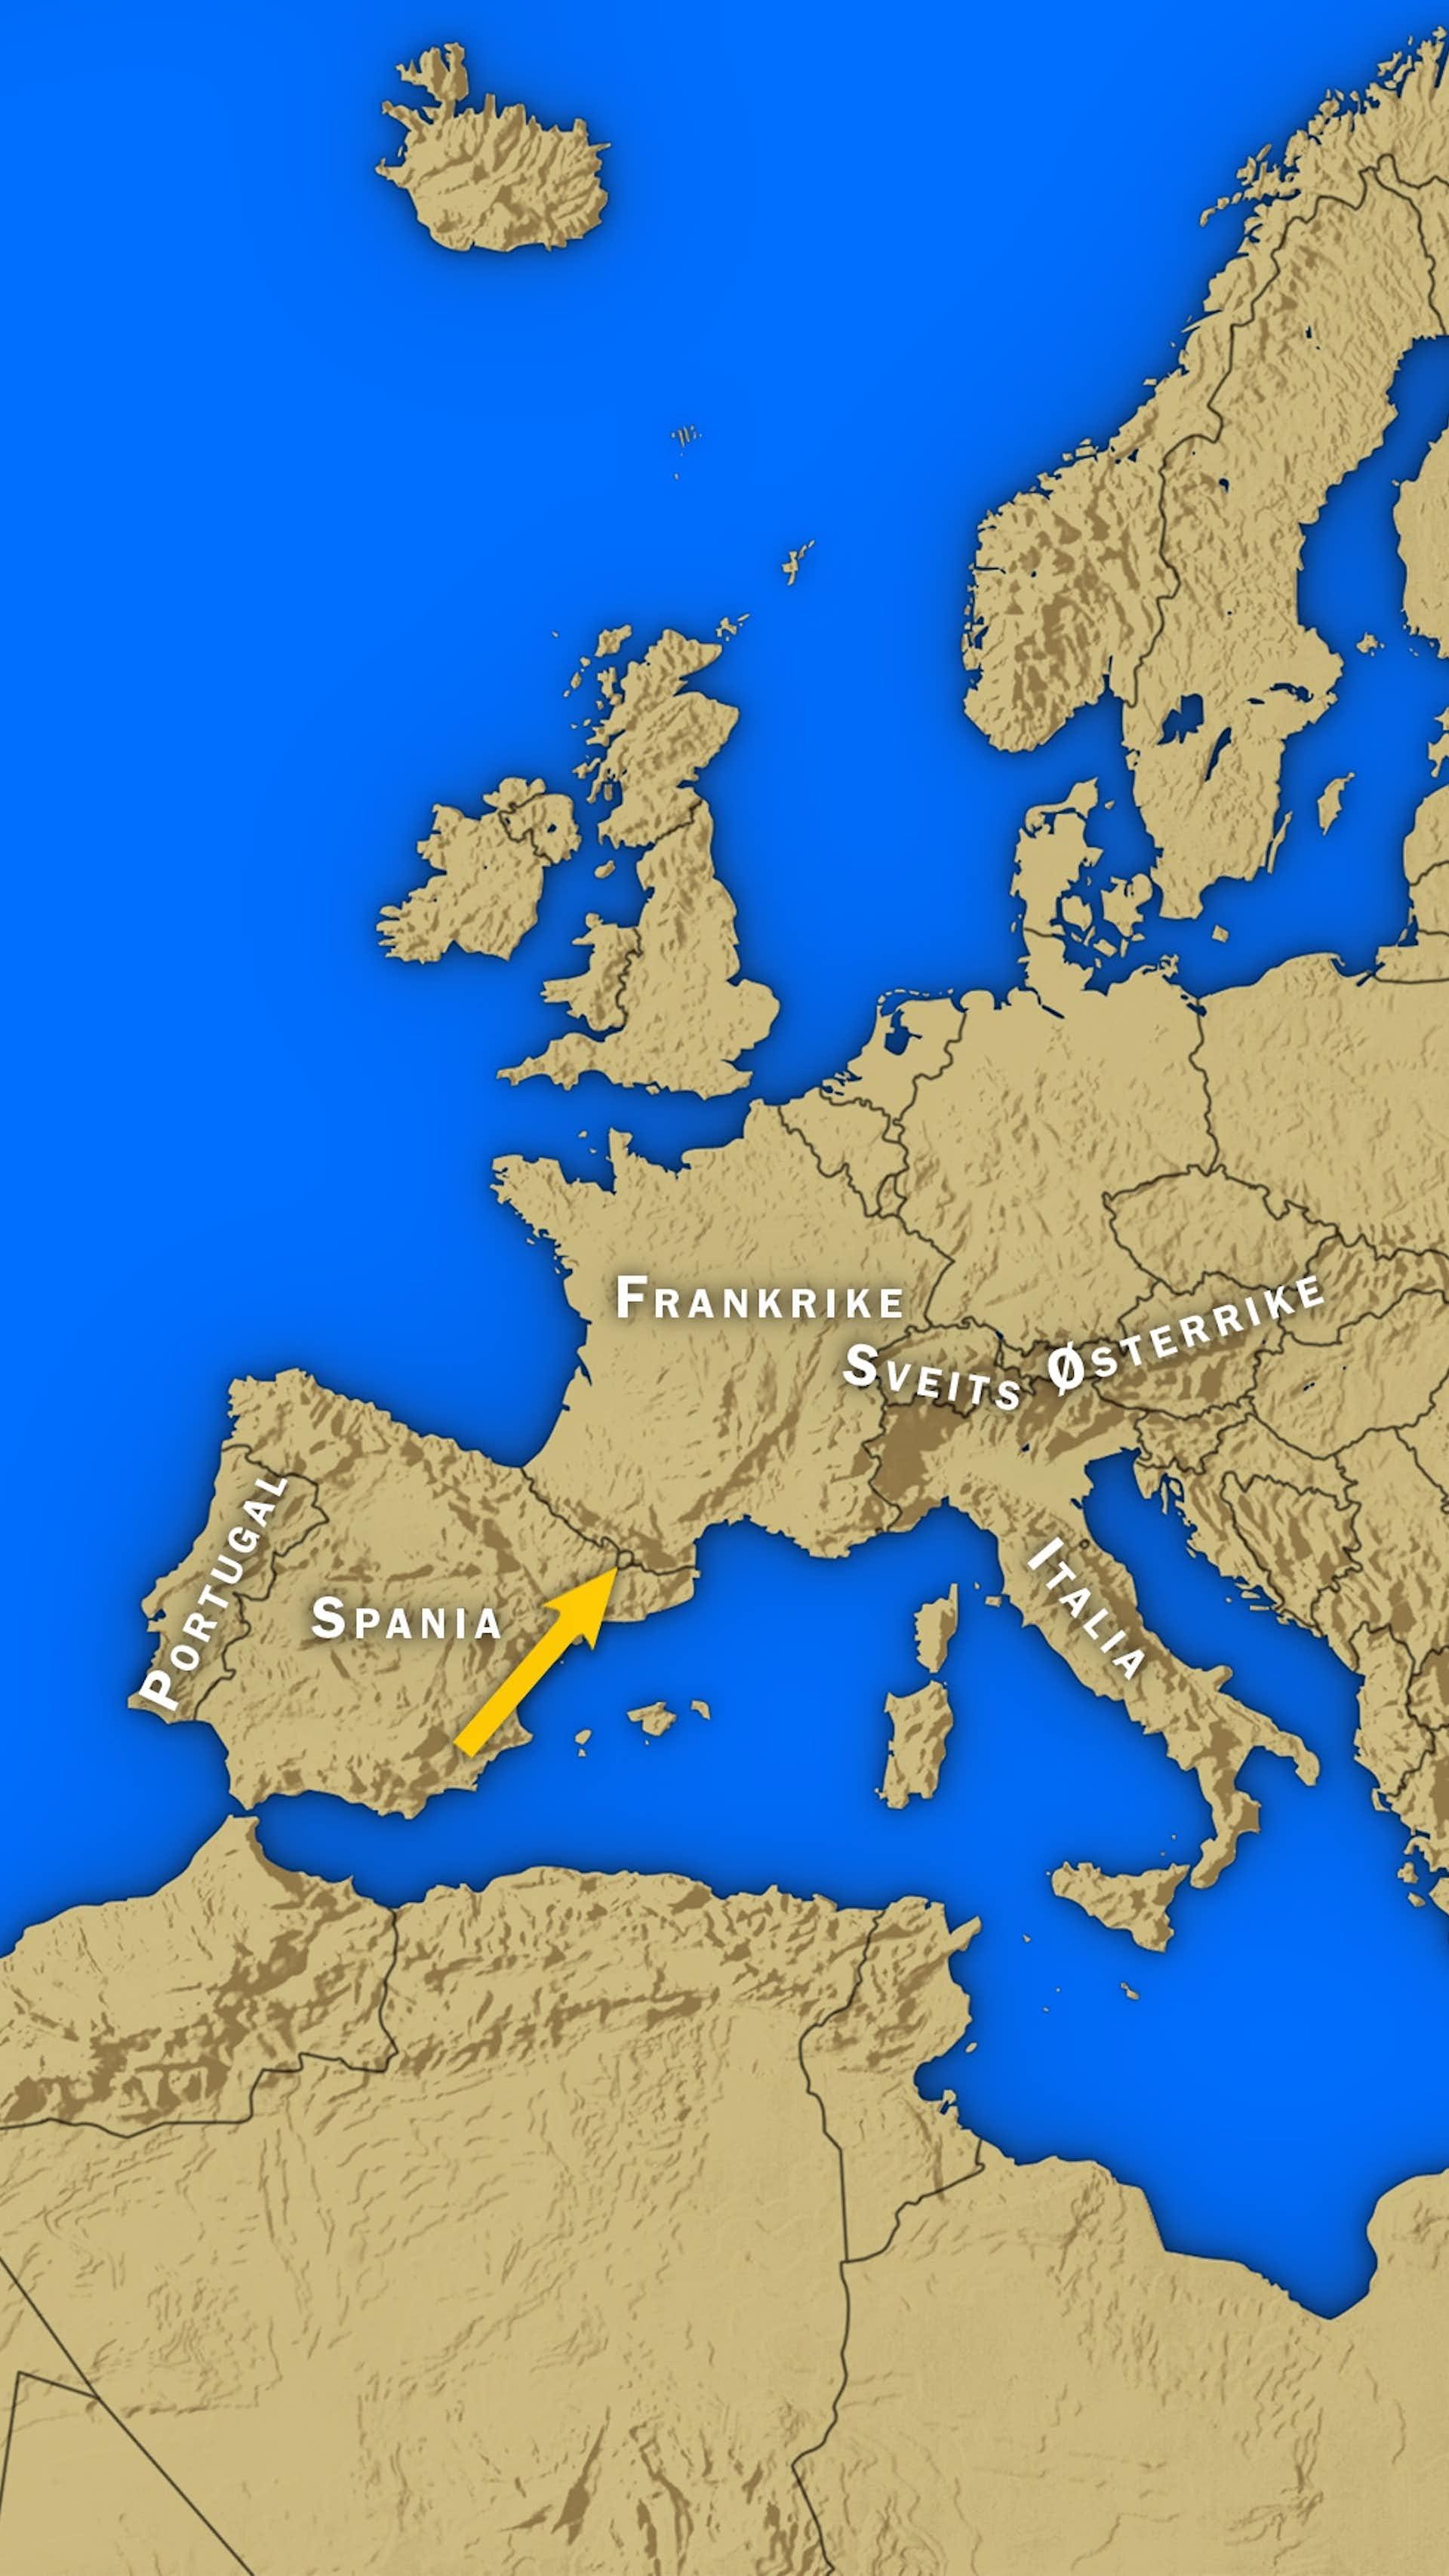 Siden 1278 Har Denne Landegrensen Ikke Vaert Til A Rokke Historienet No